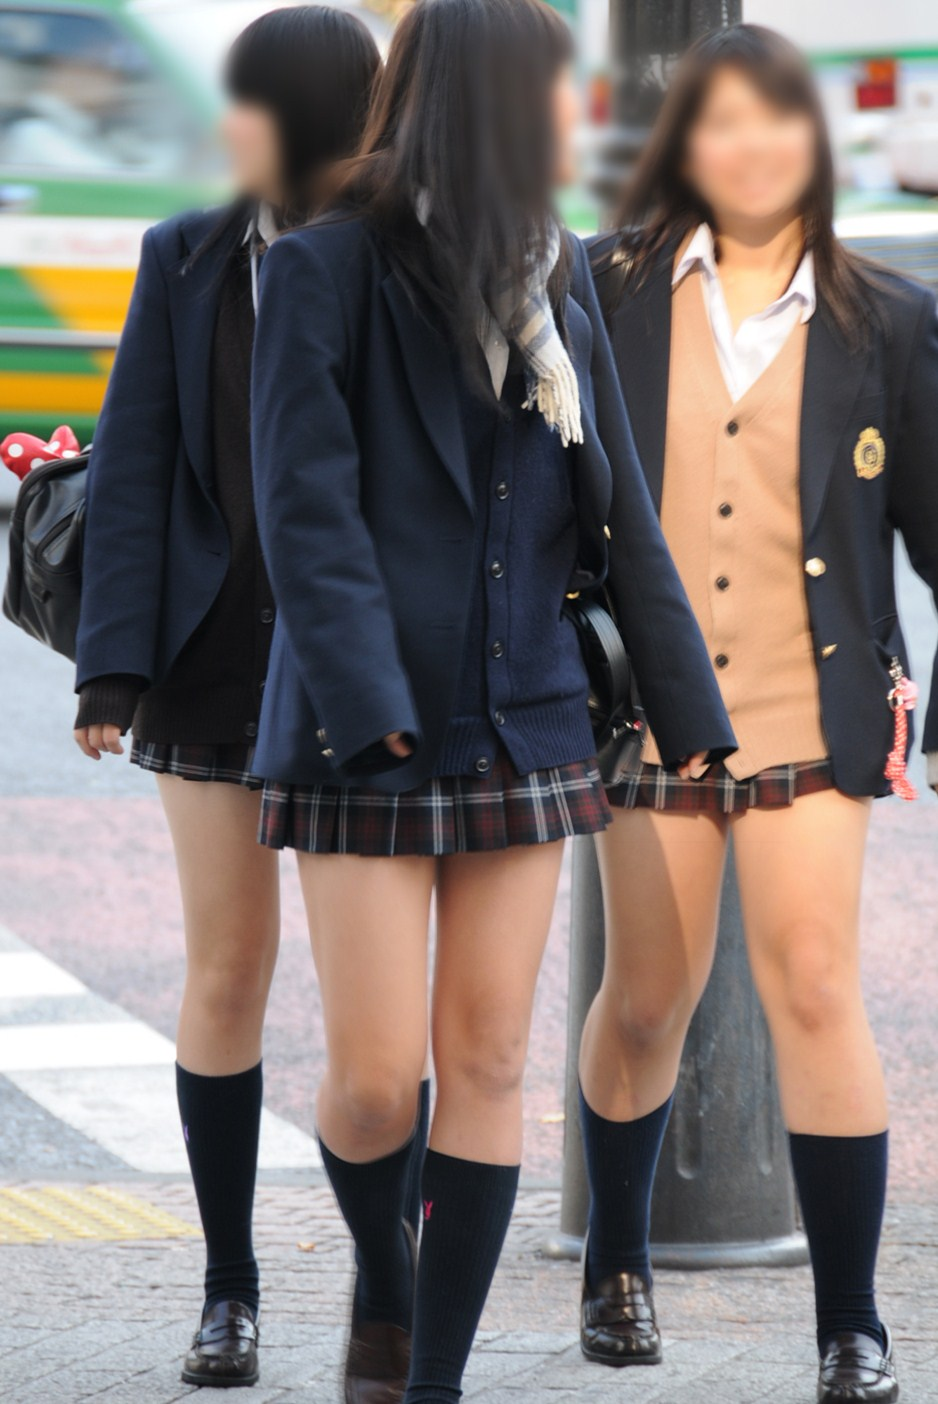 【画像】女子高生の街撮り画像集